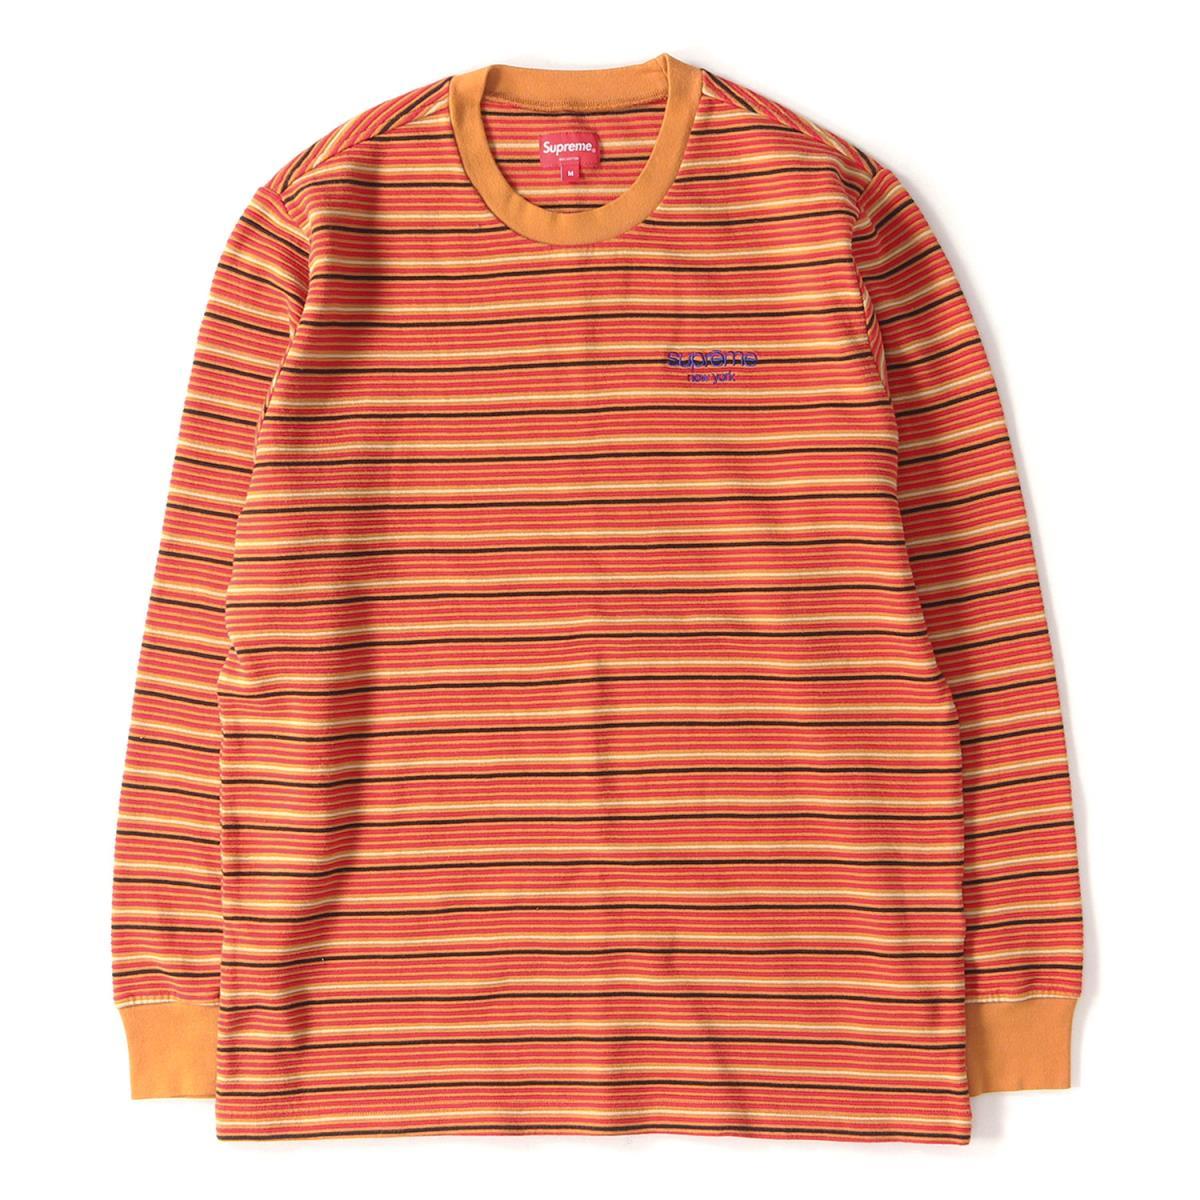 激安正規品 Supreme (シュプリーム) 17A/W クラシックロゴボーダーロングスリーブトップ / Tシャツ(Raised Stripe L/S Top) ラスト M 【美品】【メンズ】【K2204】【】【☆対応可】, VONDO 43d8ca23